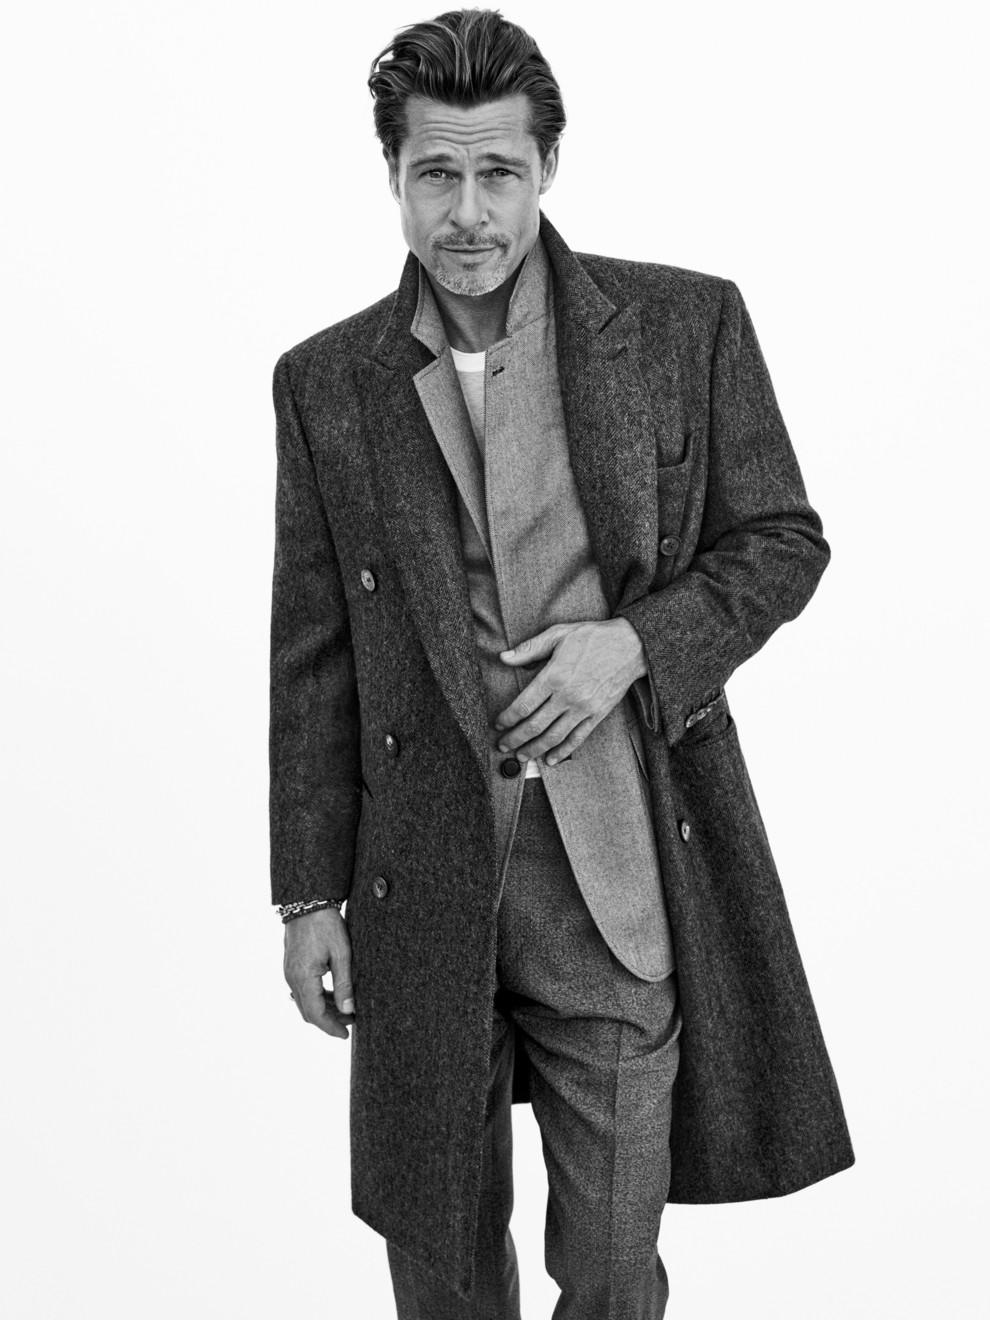 Брэд Питт в рекламной кампании Brioni Tailoring Legends осень-зима 2020/2021